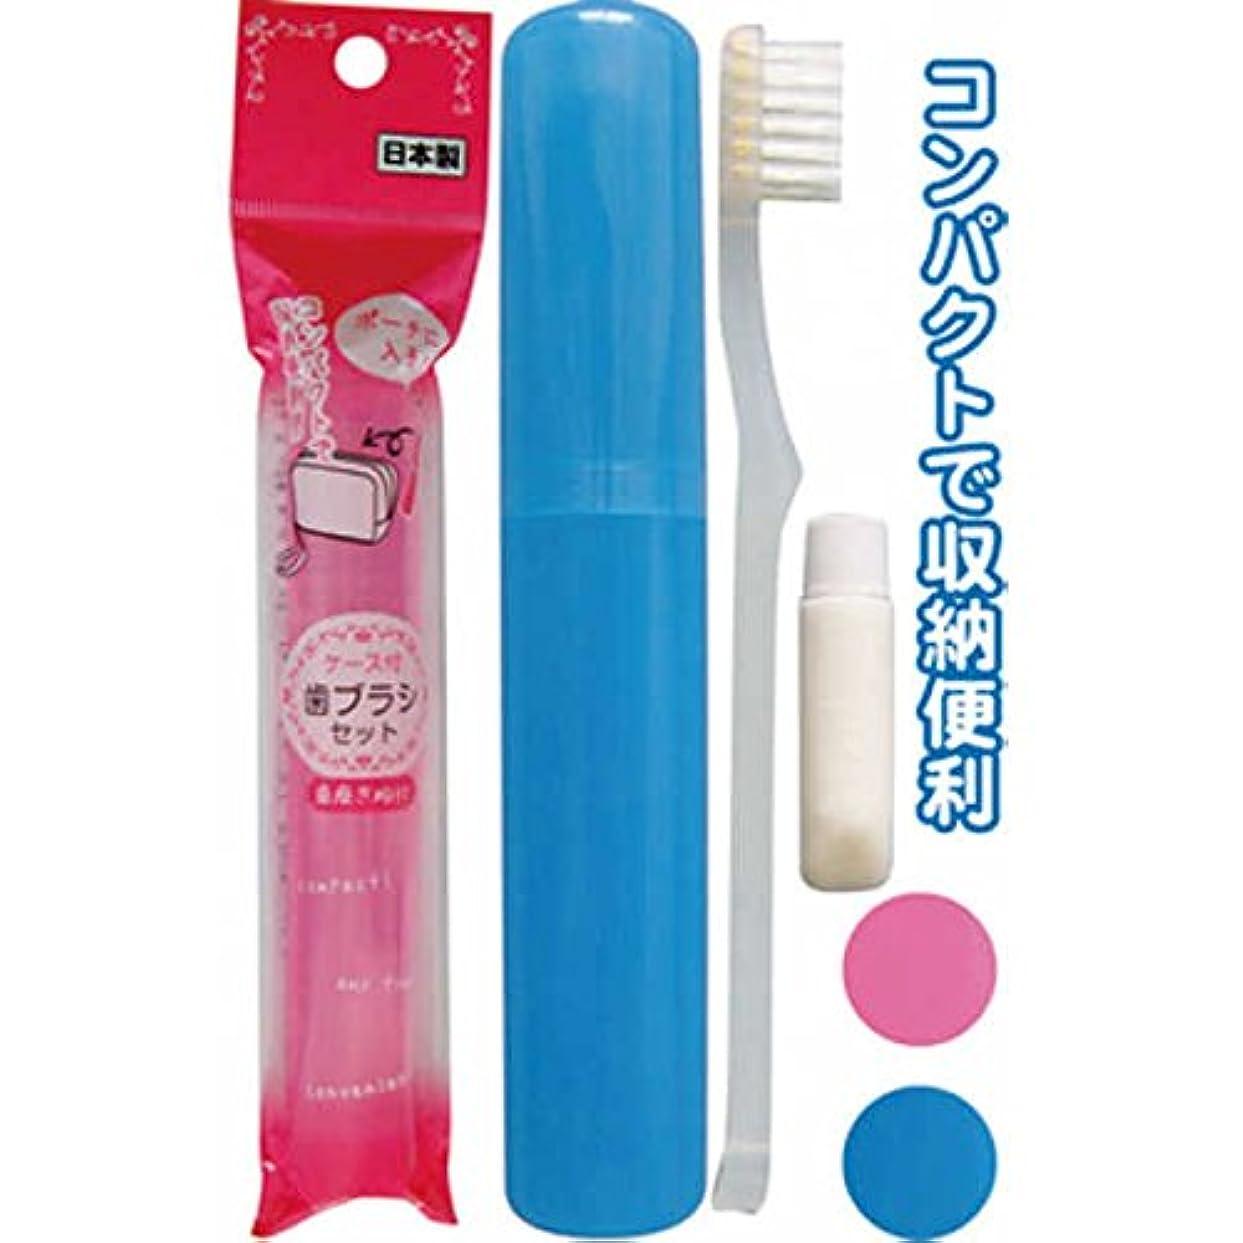 バッテリー魔法関与するポーチに入るケース付歯ブラシセット(日本製 japan) 【まとめ買い12個セット】 41-214